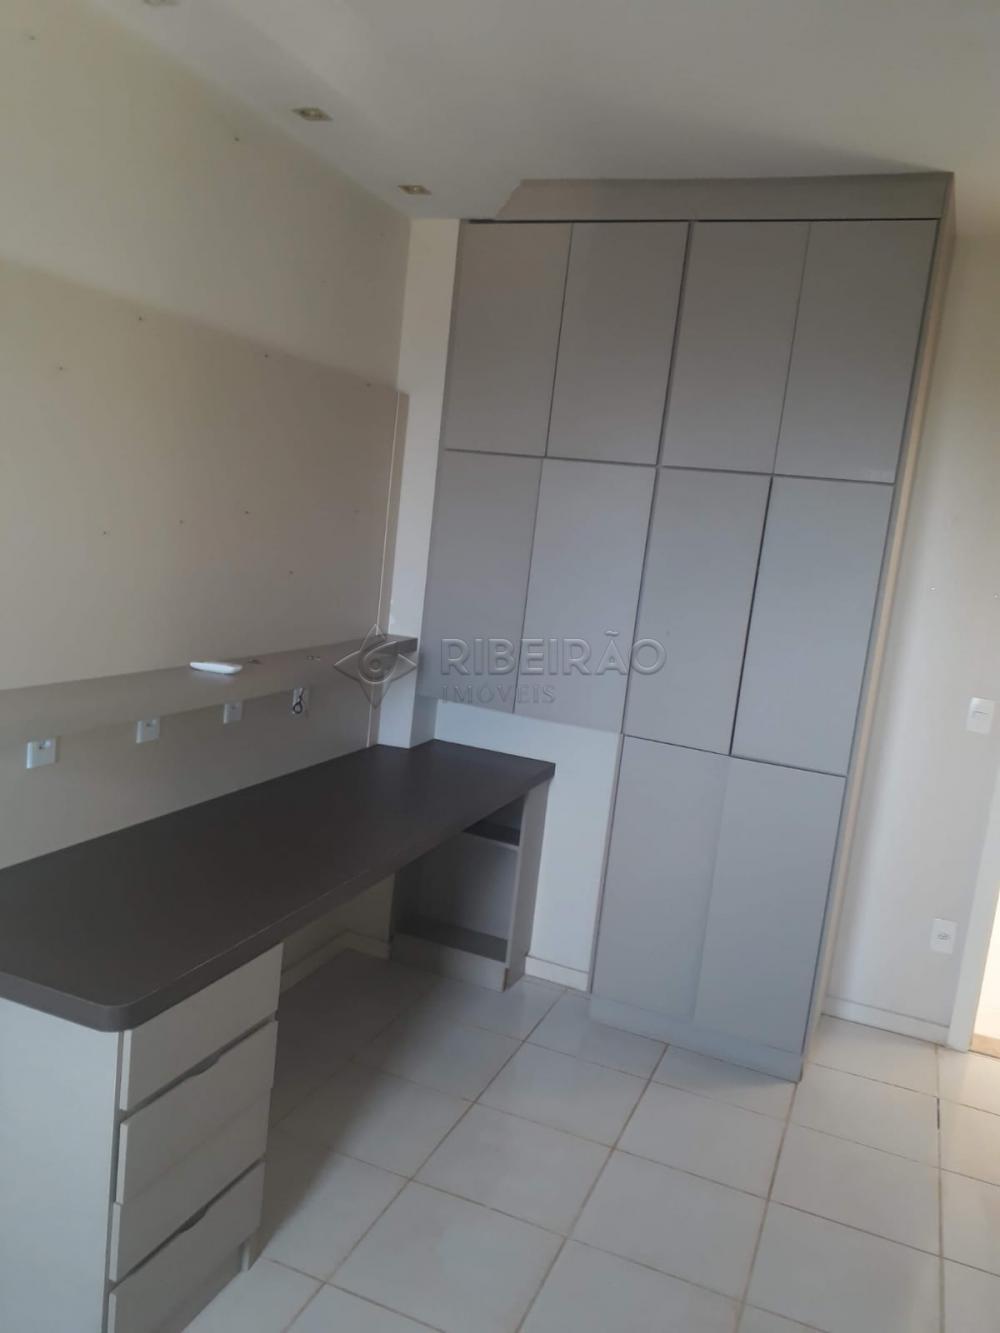 Comprar Apartamento / Padrão em Ribeirão Preto apenas R$ 600.000,00 - Foto 54